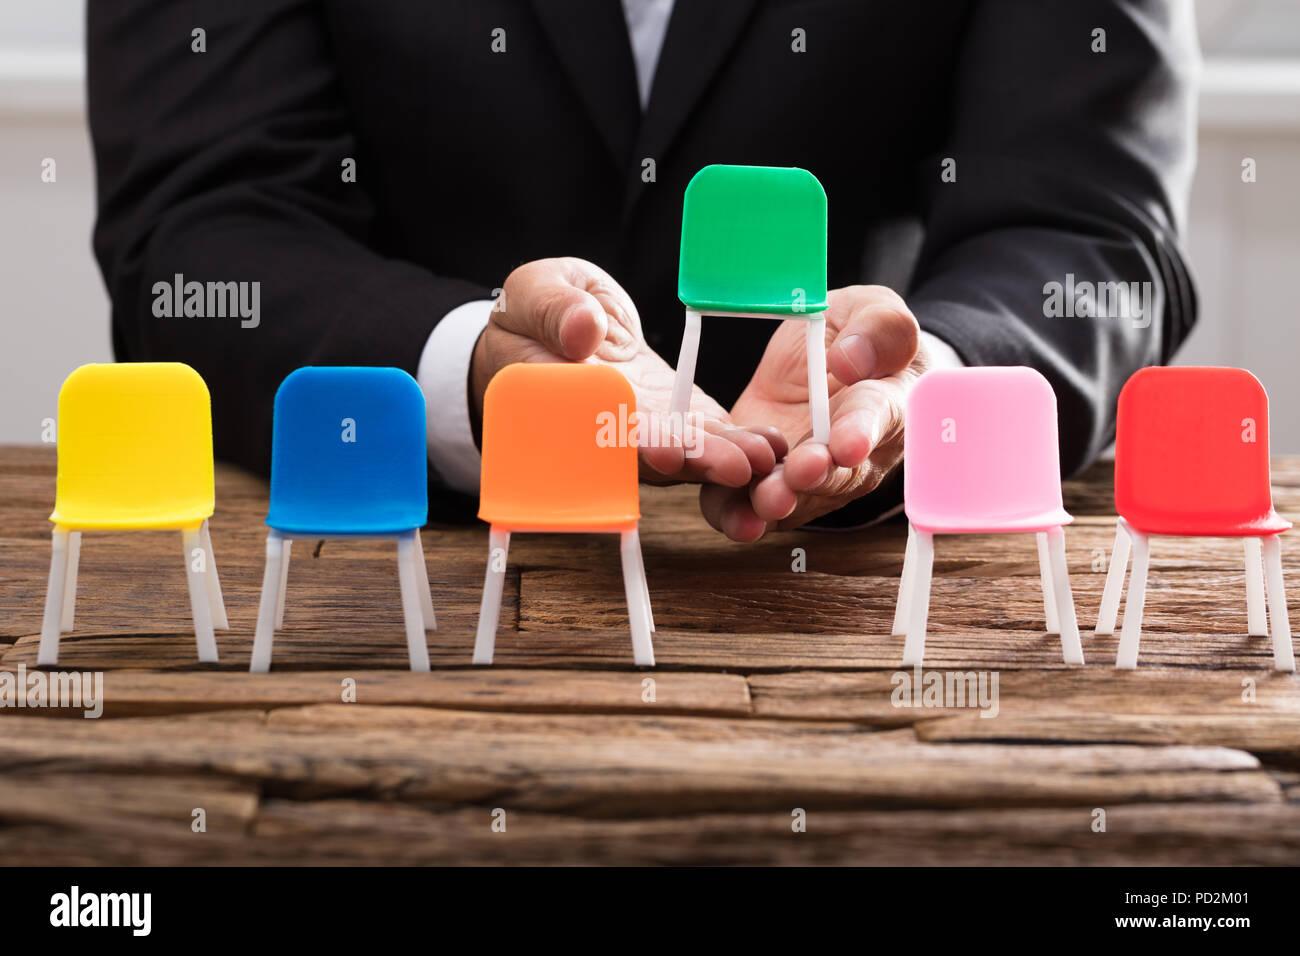 La main d'affaires prendre fauteuil vert entre autres sur un bureau en bois Photo Stock